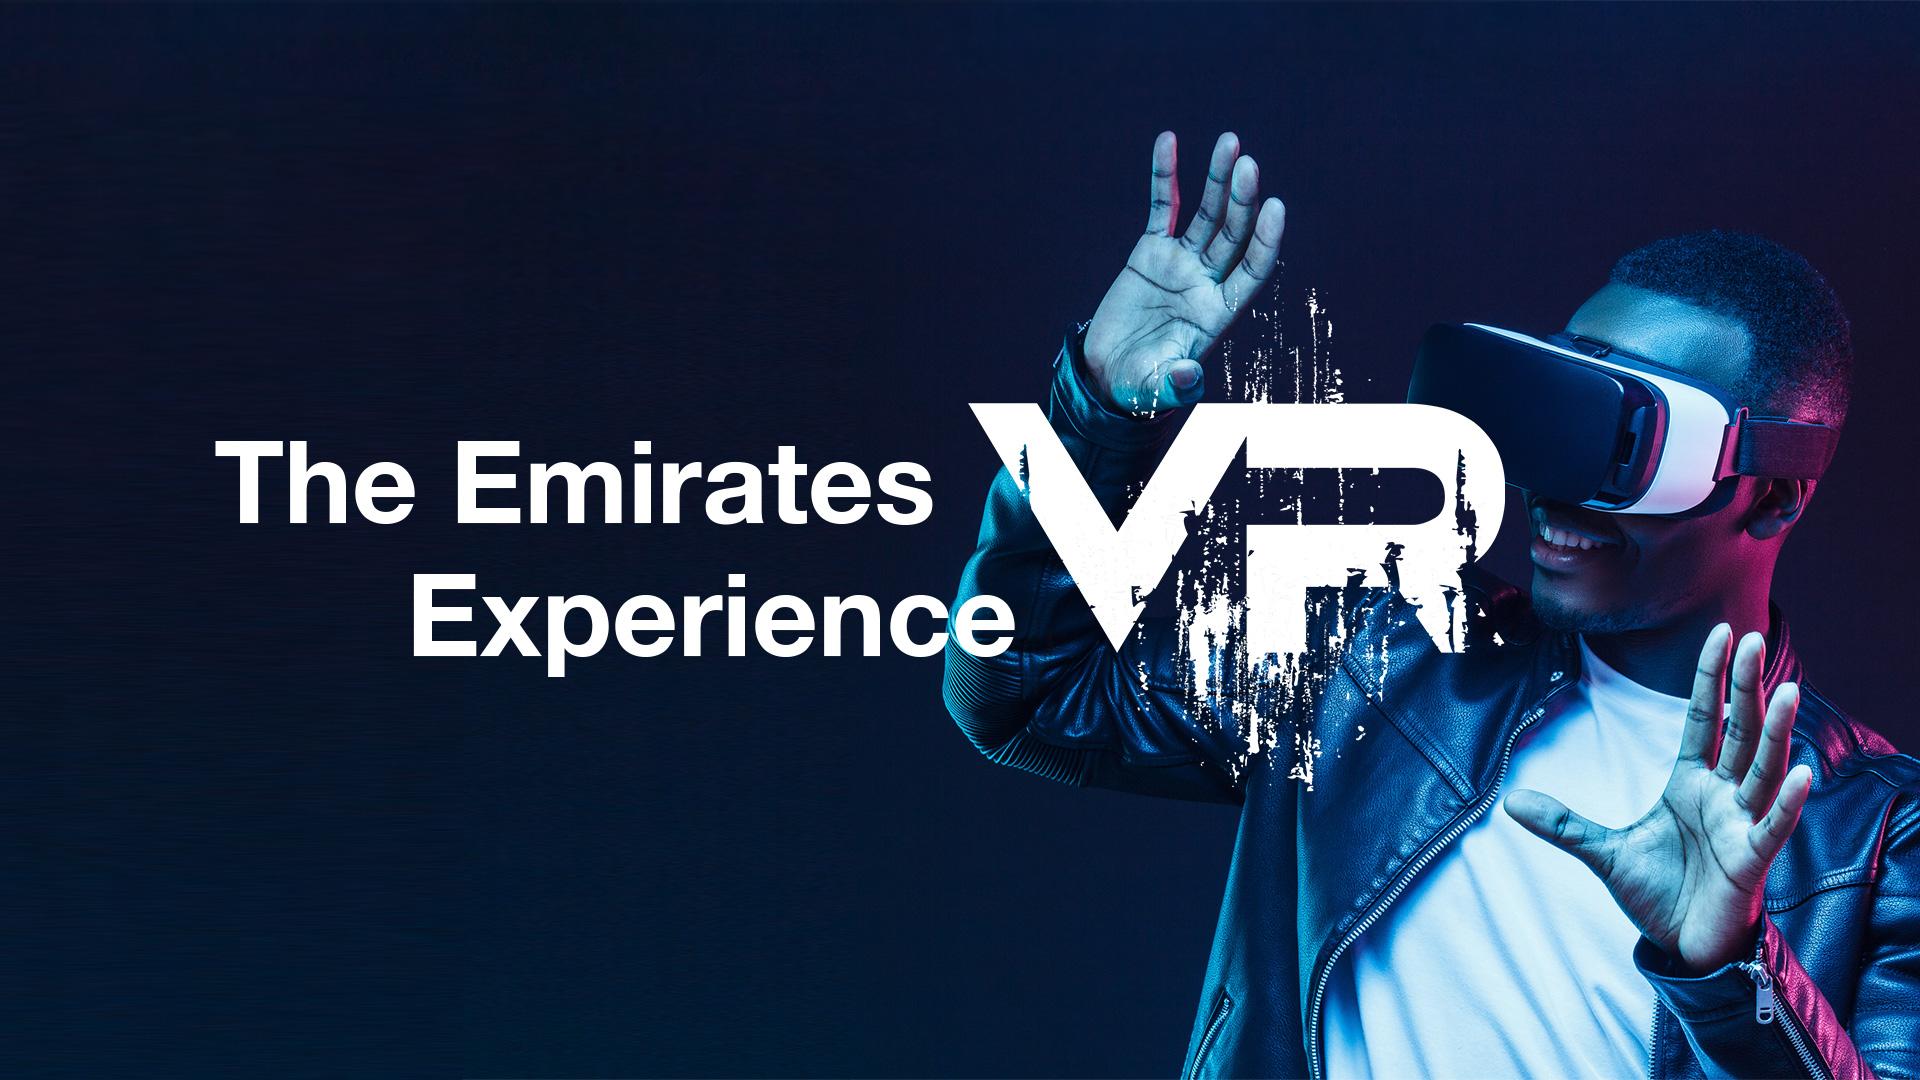 Wirtualna aplikacja linie Emirates